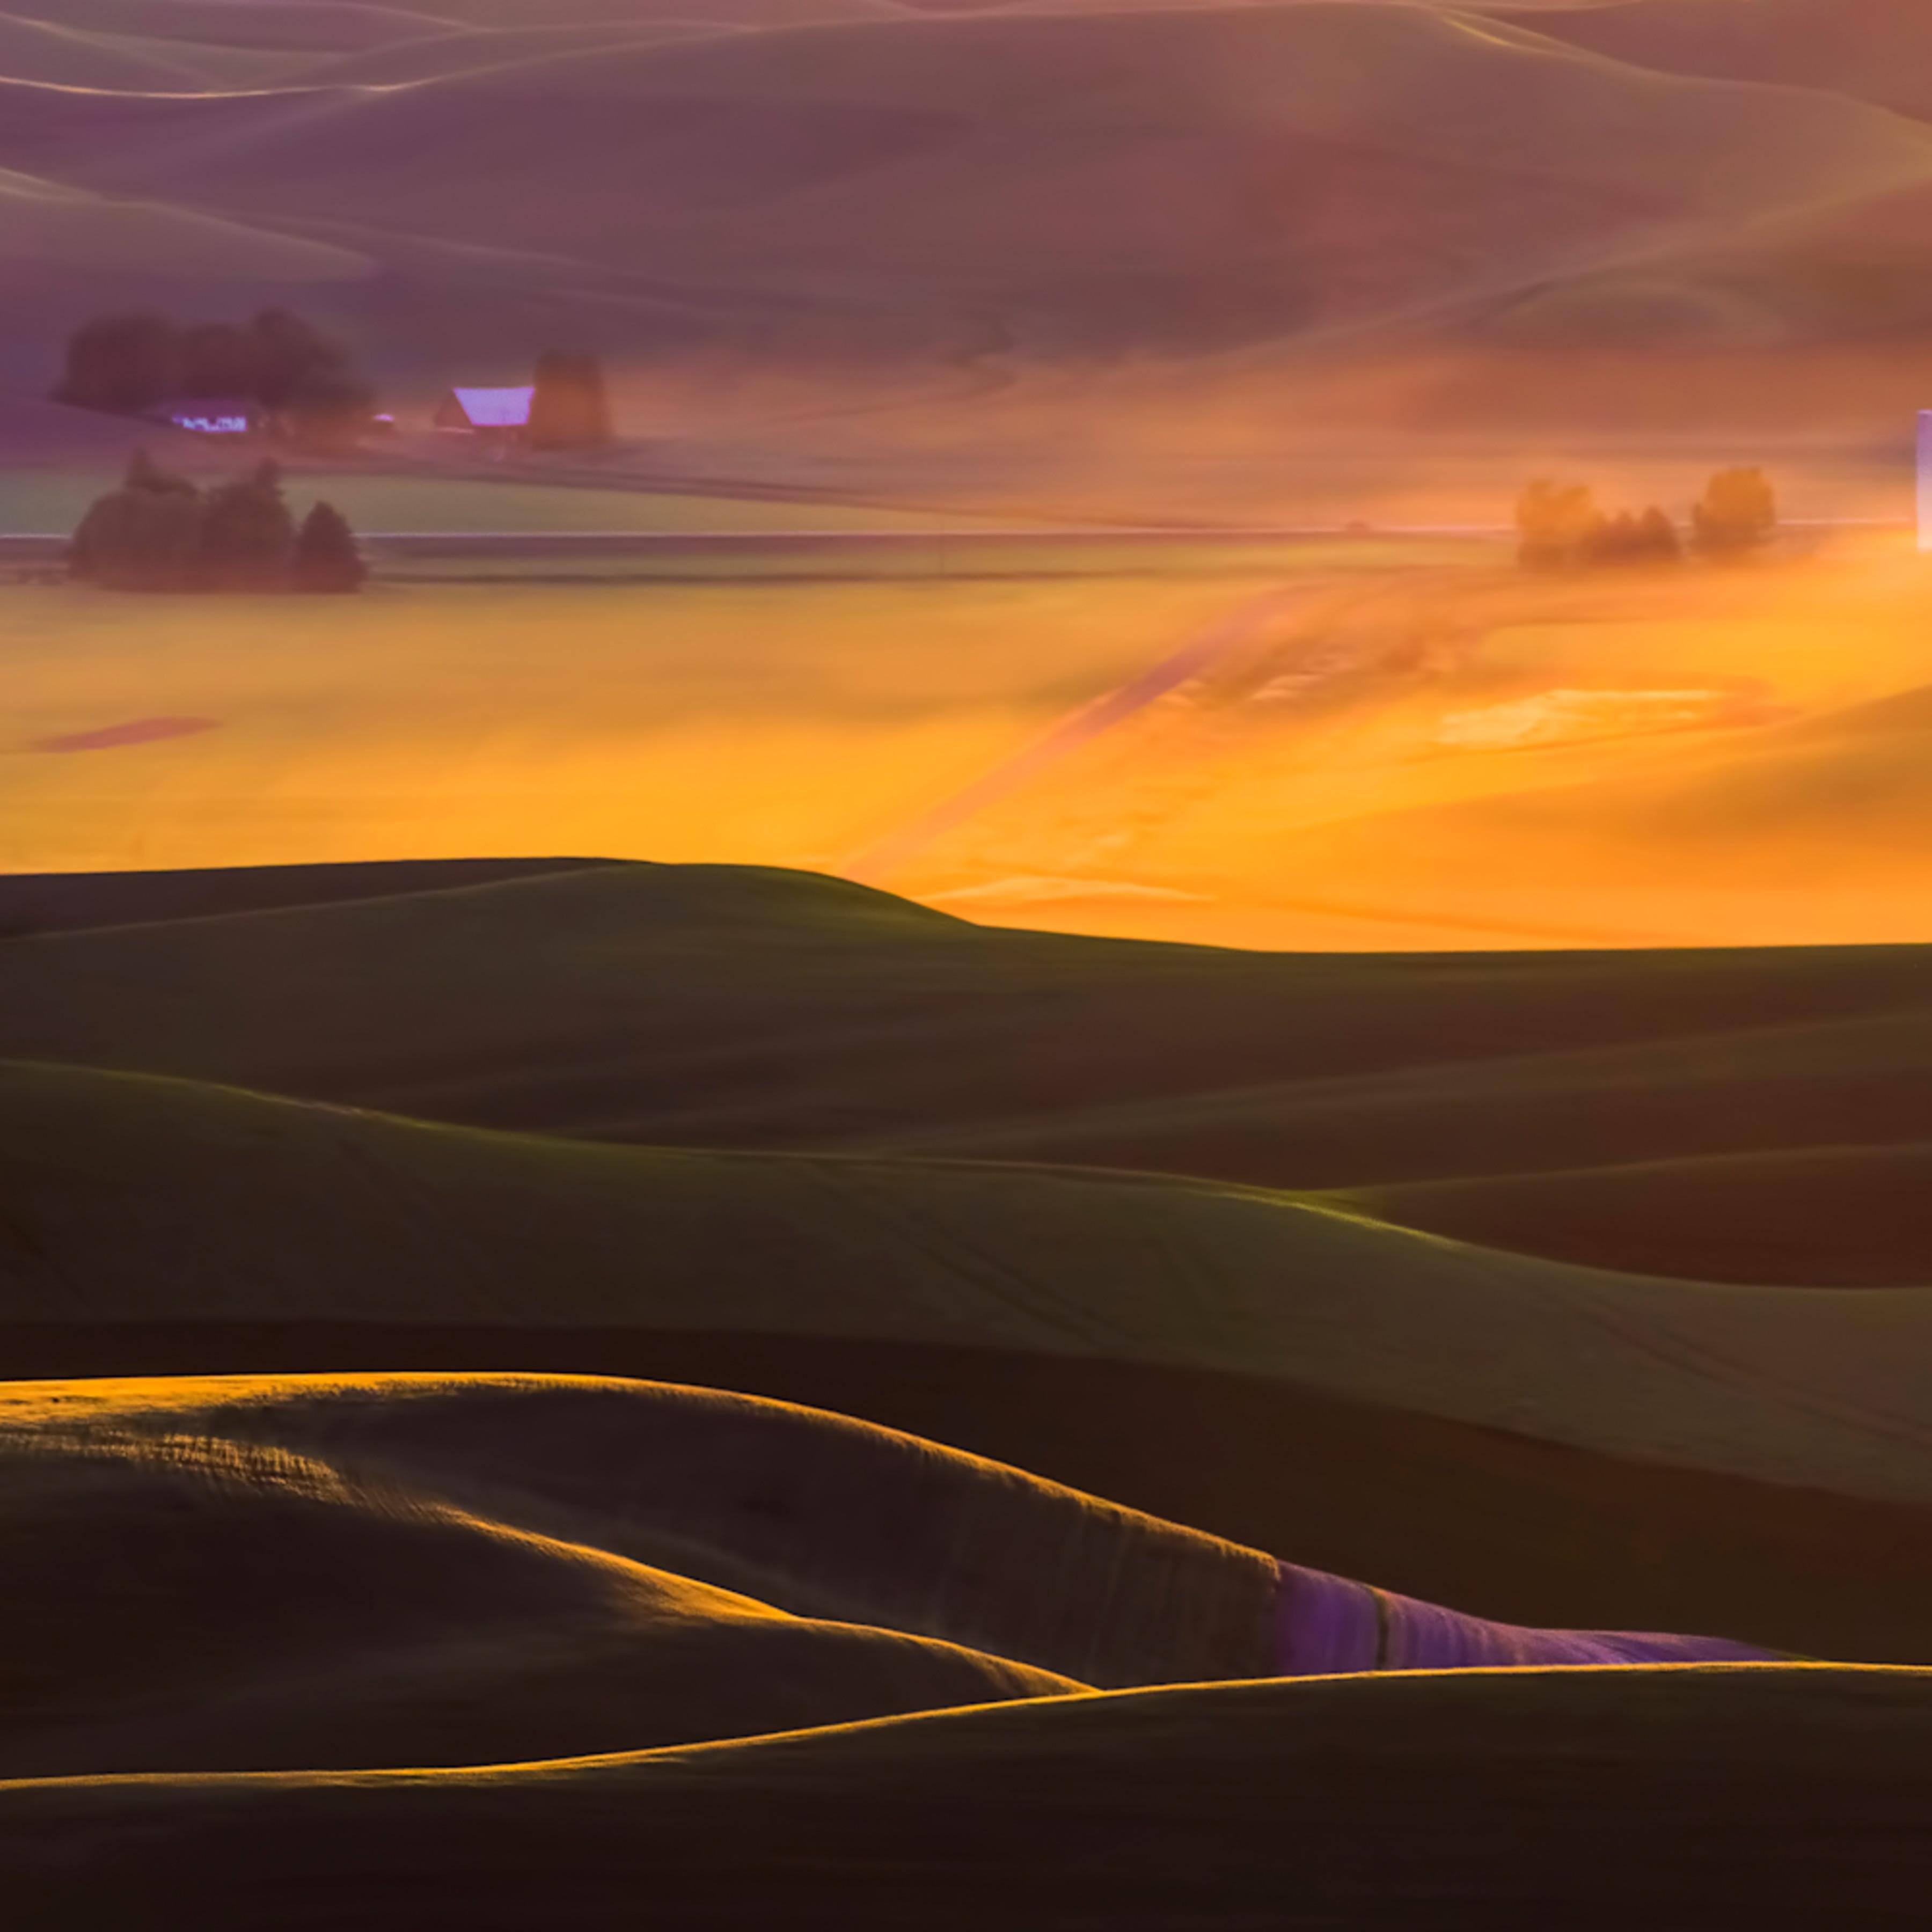 Felice willat   dusty steptoe sunset s2eb8z